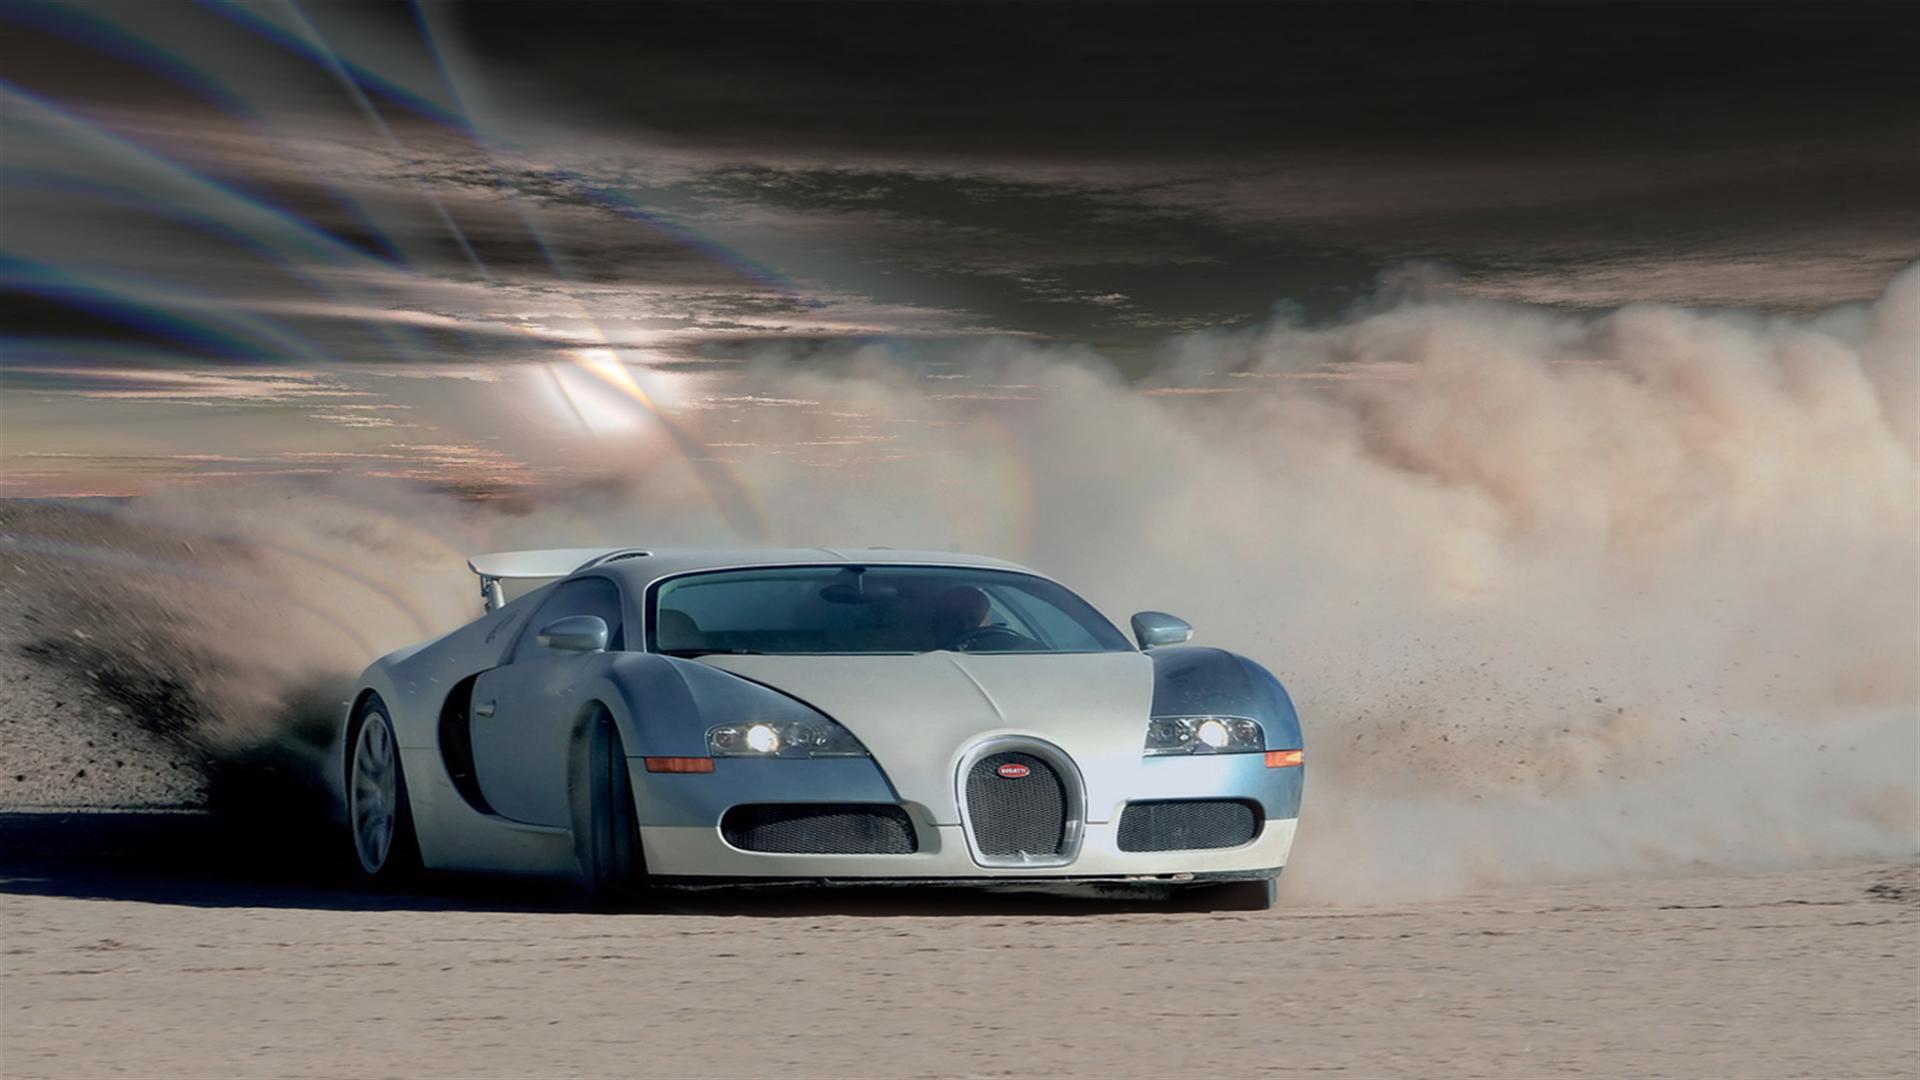 45+ Bugatti HD Wallpapers 1080p on WallpaperSafari